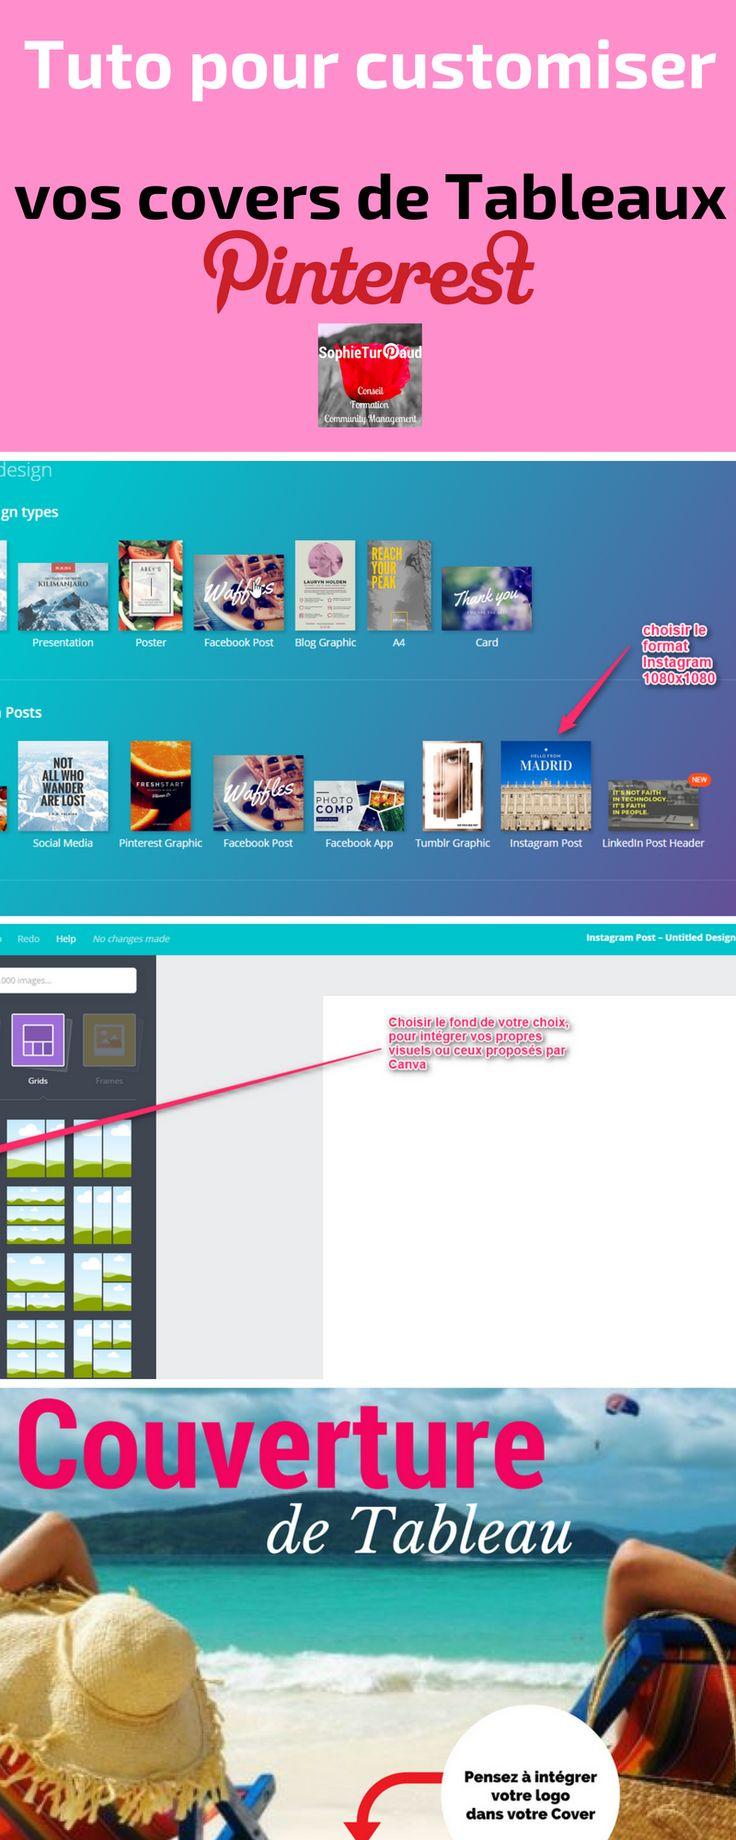 Tuto Infographie  pour customiser vos covers de tableaux #Pinterest via @sophieturpaud